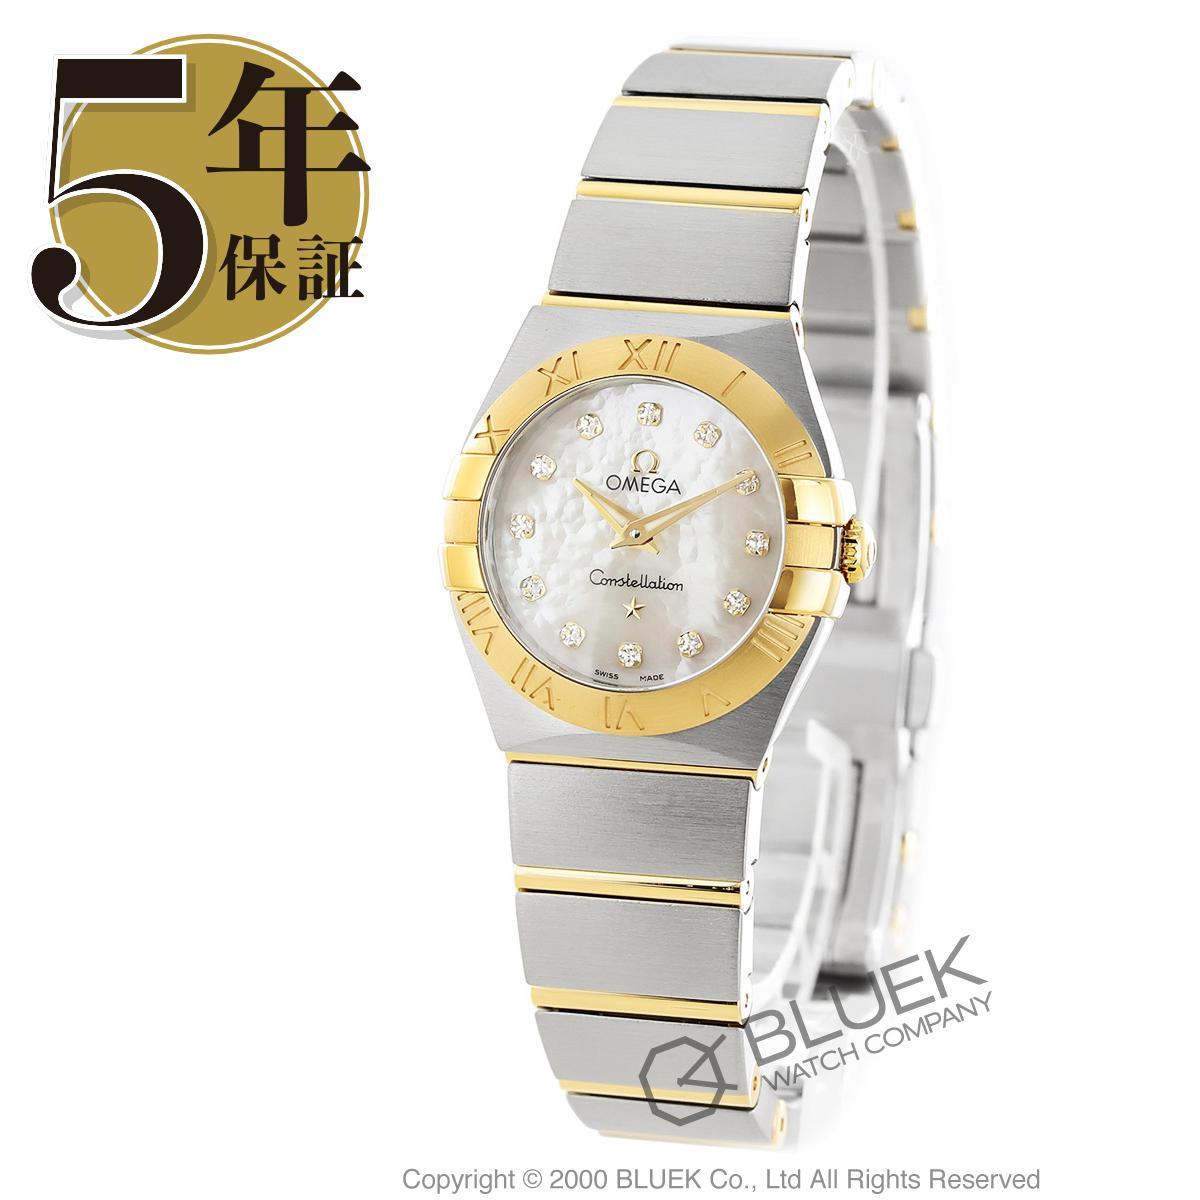 オメガコンステレーションブラッシュダイヤ腕時計レディースOMEGA123.20.24.60.55.002